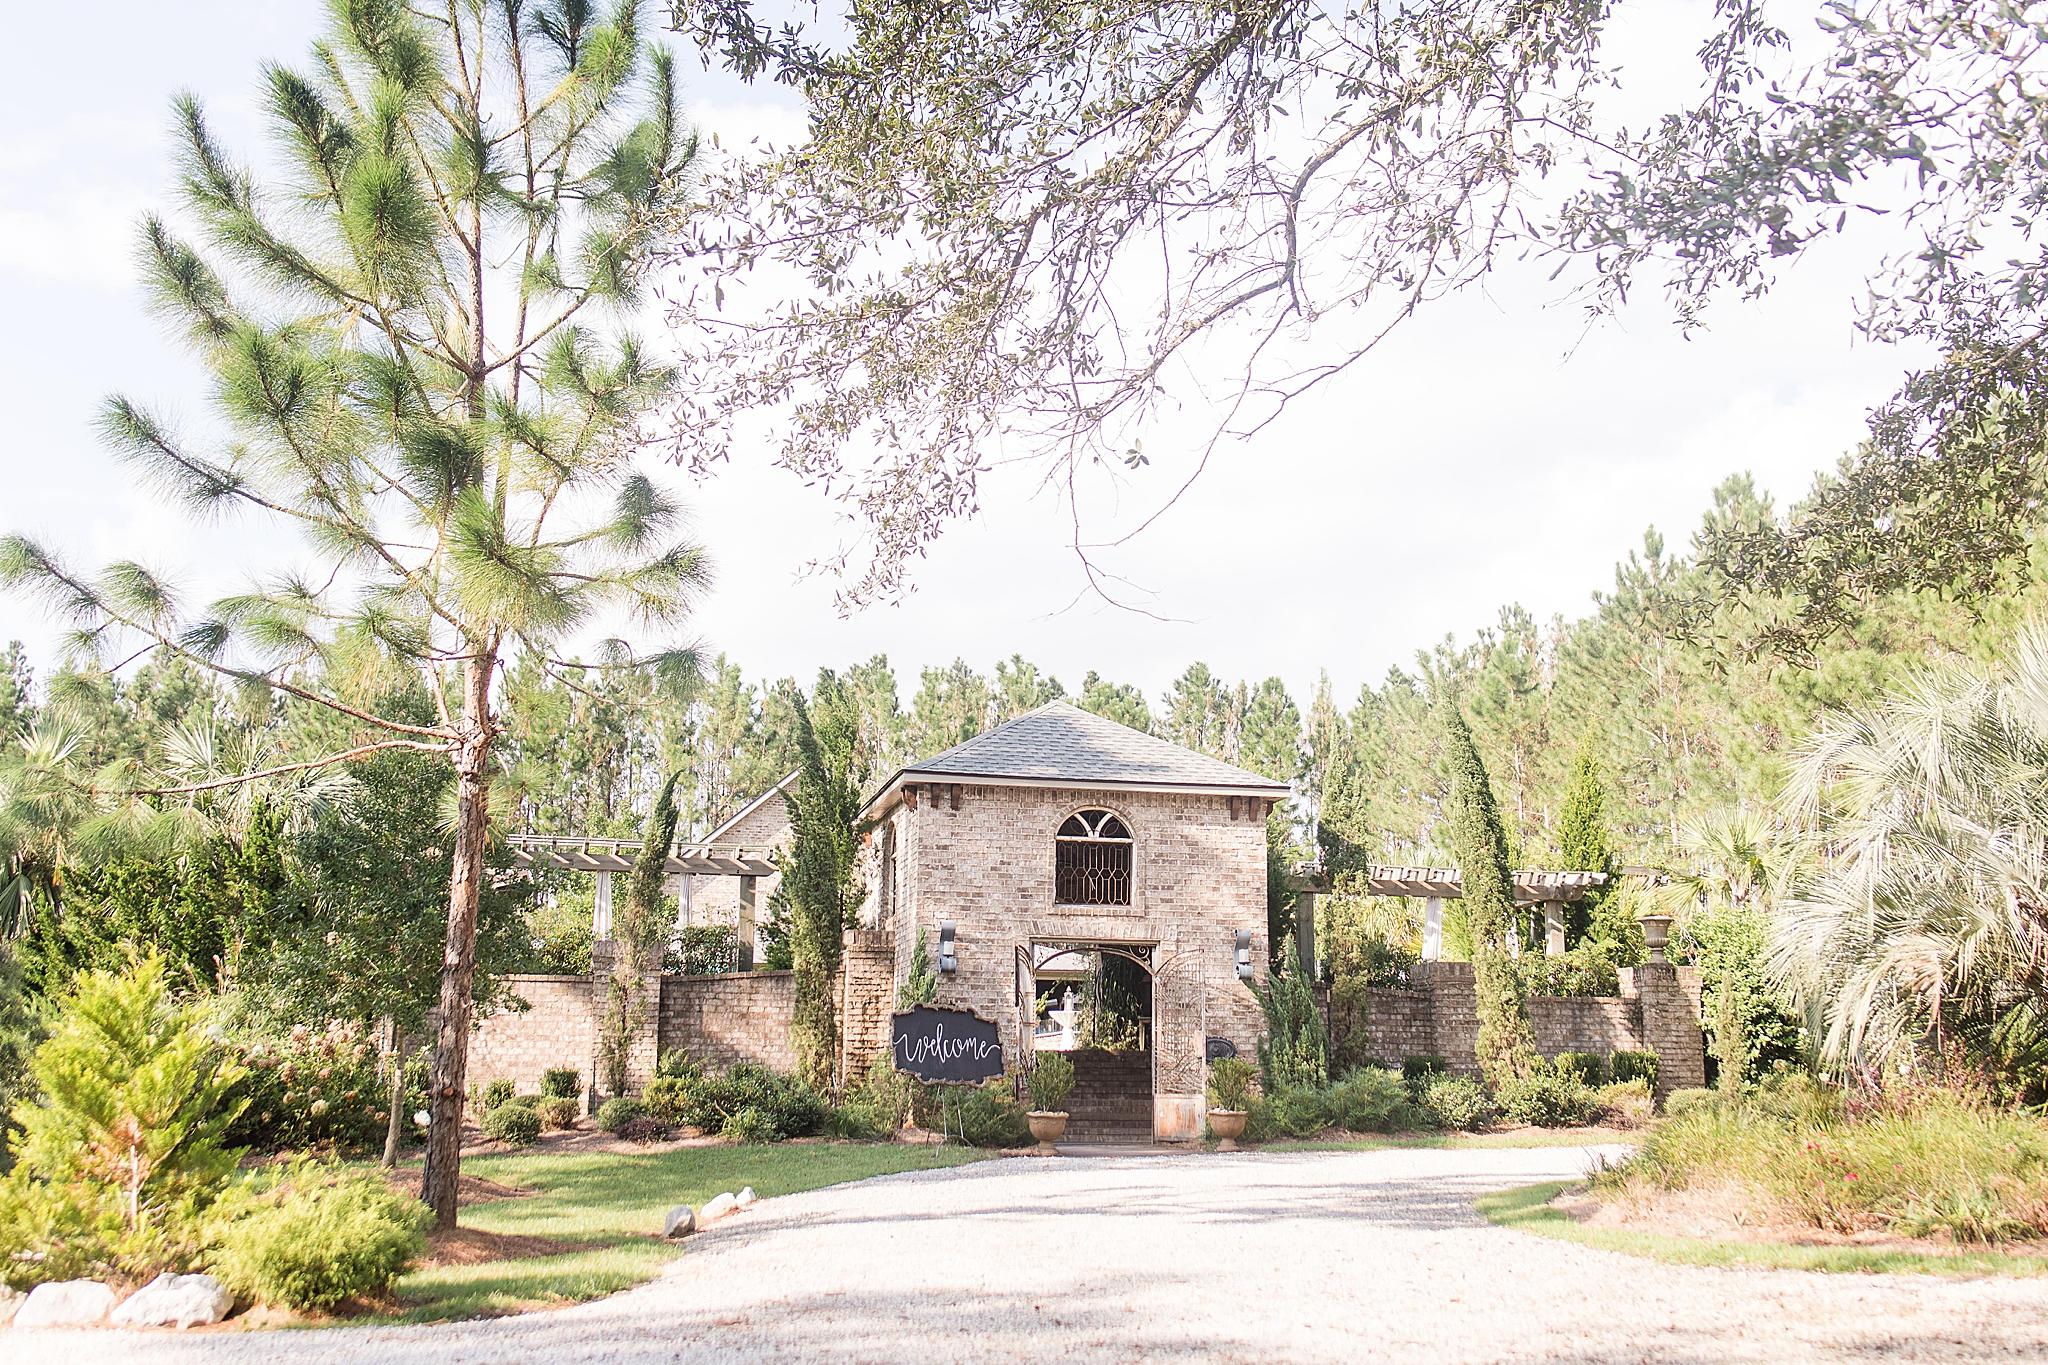 Bella Sera Gardens wedding venue in Loxley Alabama